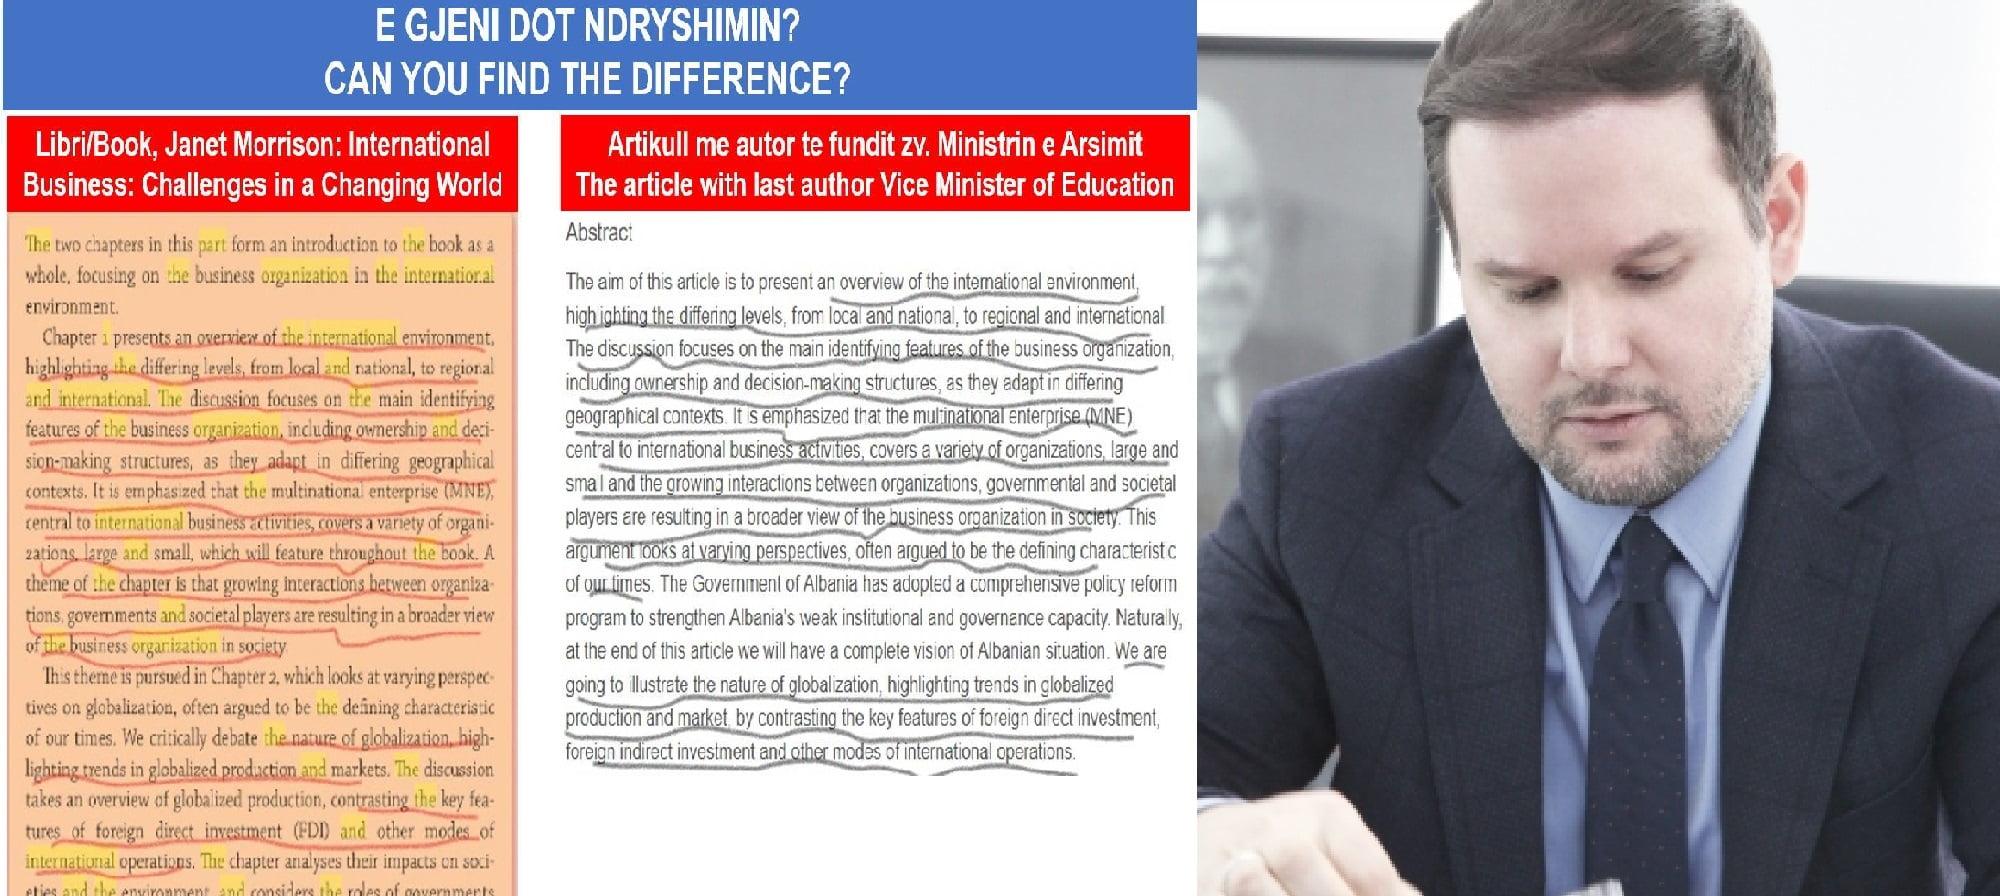 Shënim: Një Zv. Ministër i akuzuar për plagjiaturë dhe disa politika të Ministrisë së tij